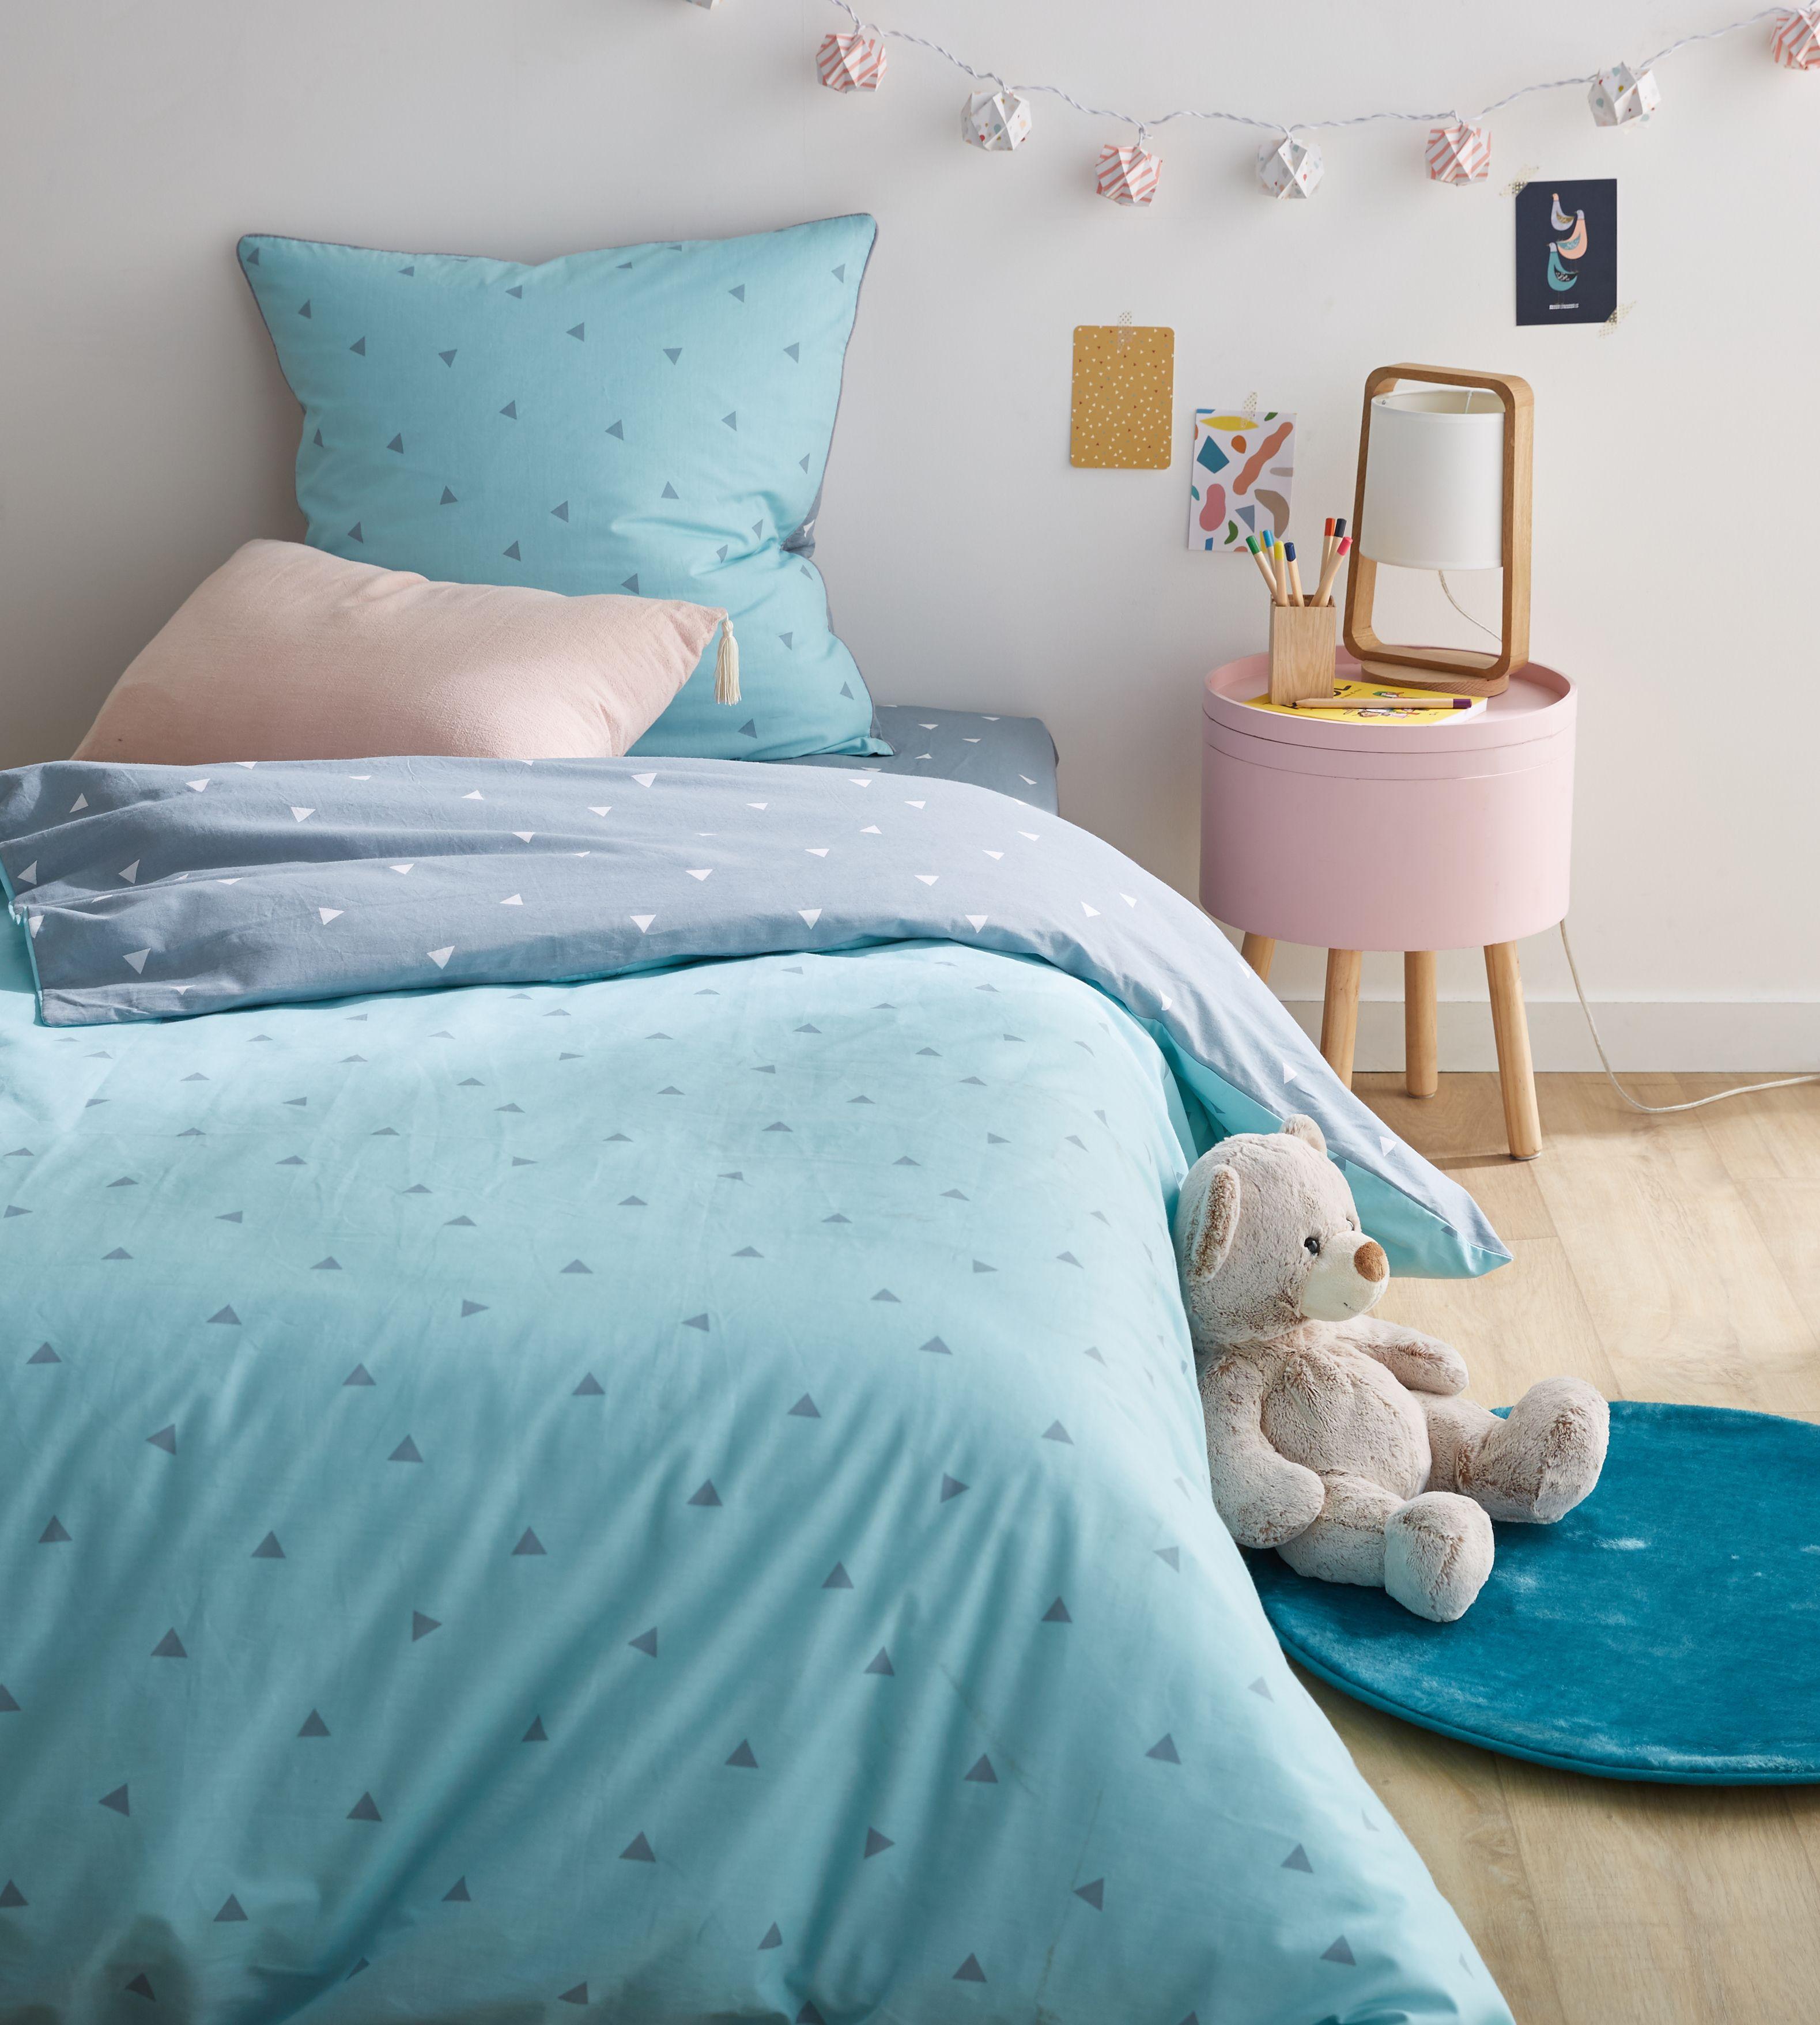 Epingle Sur Alinea Kids Chambres D Enfants